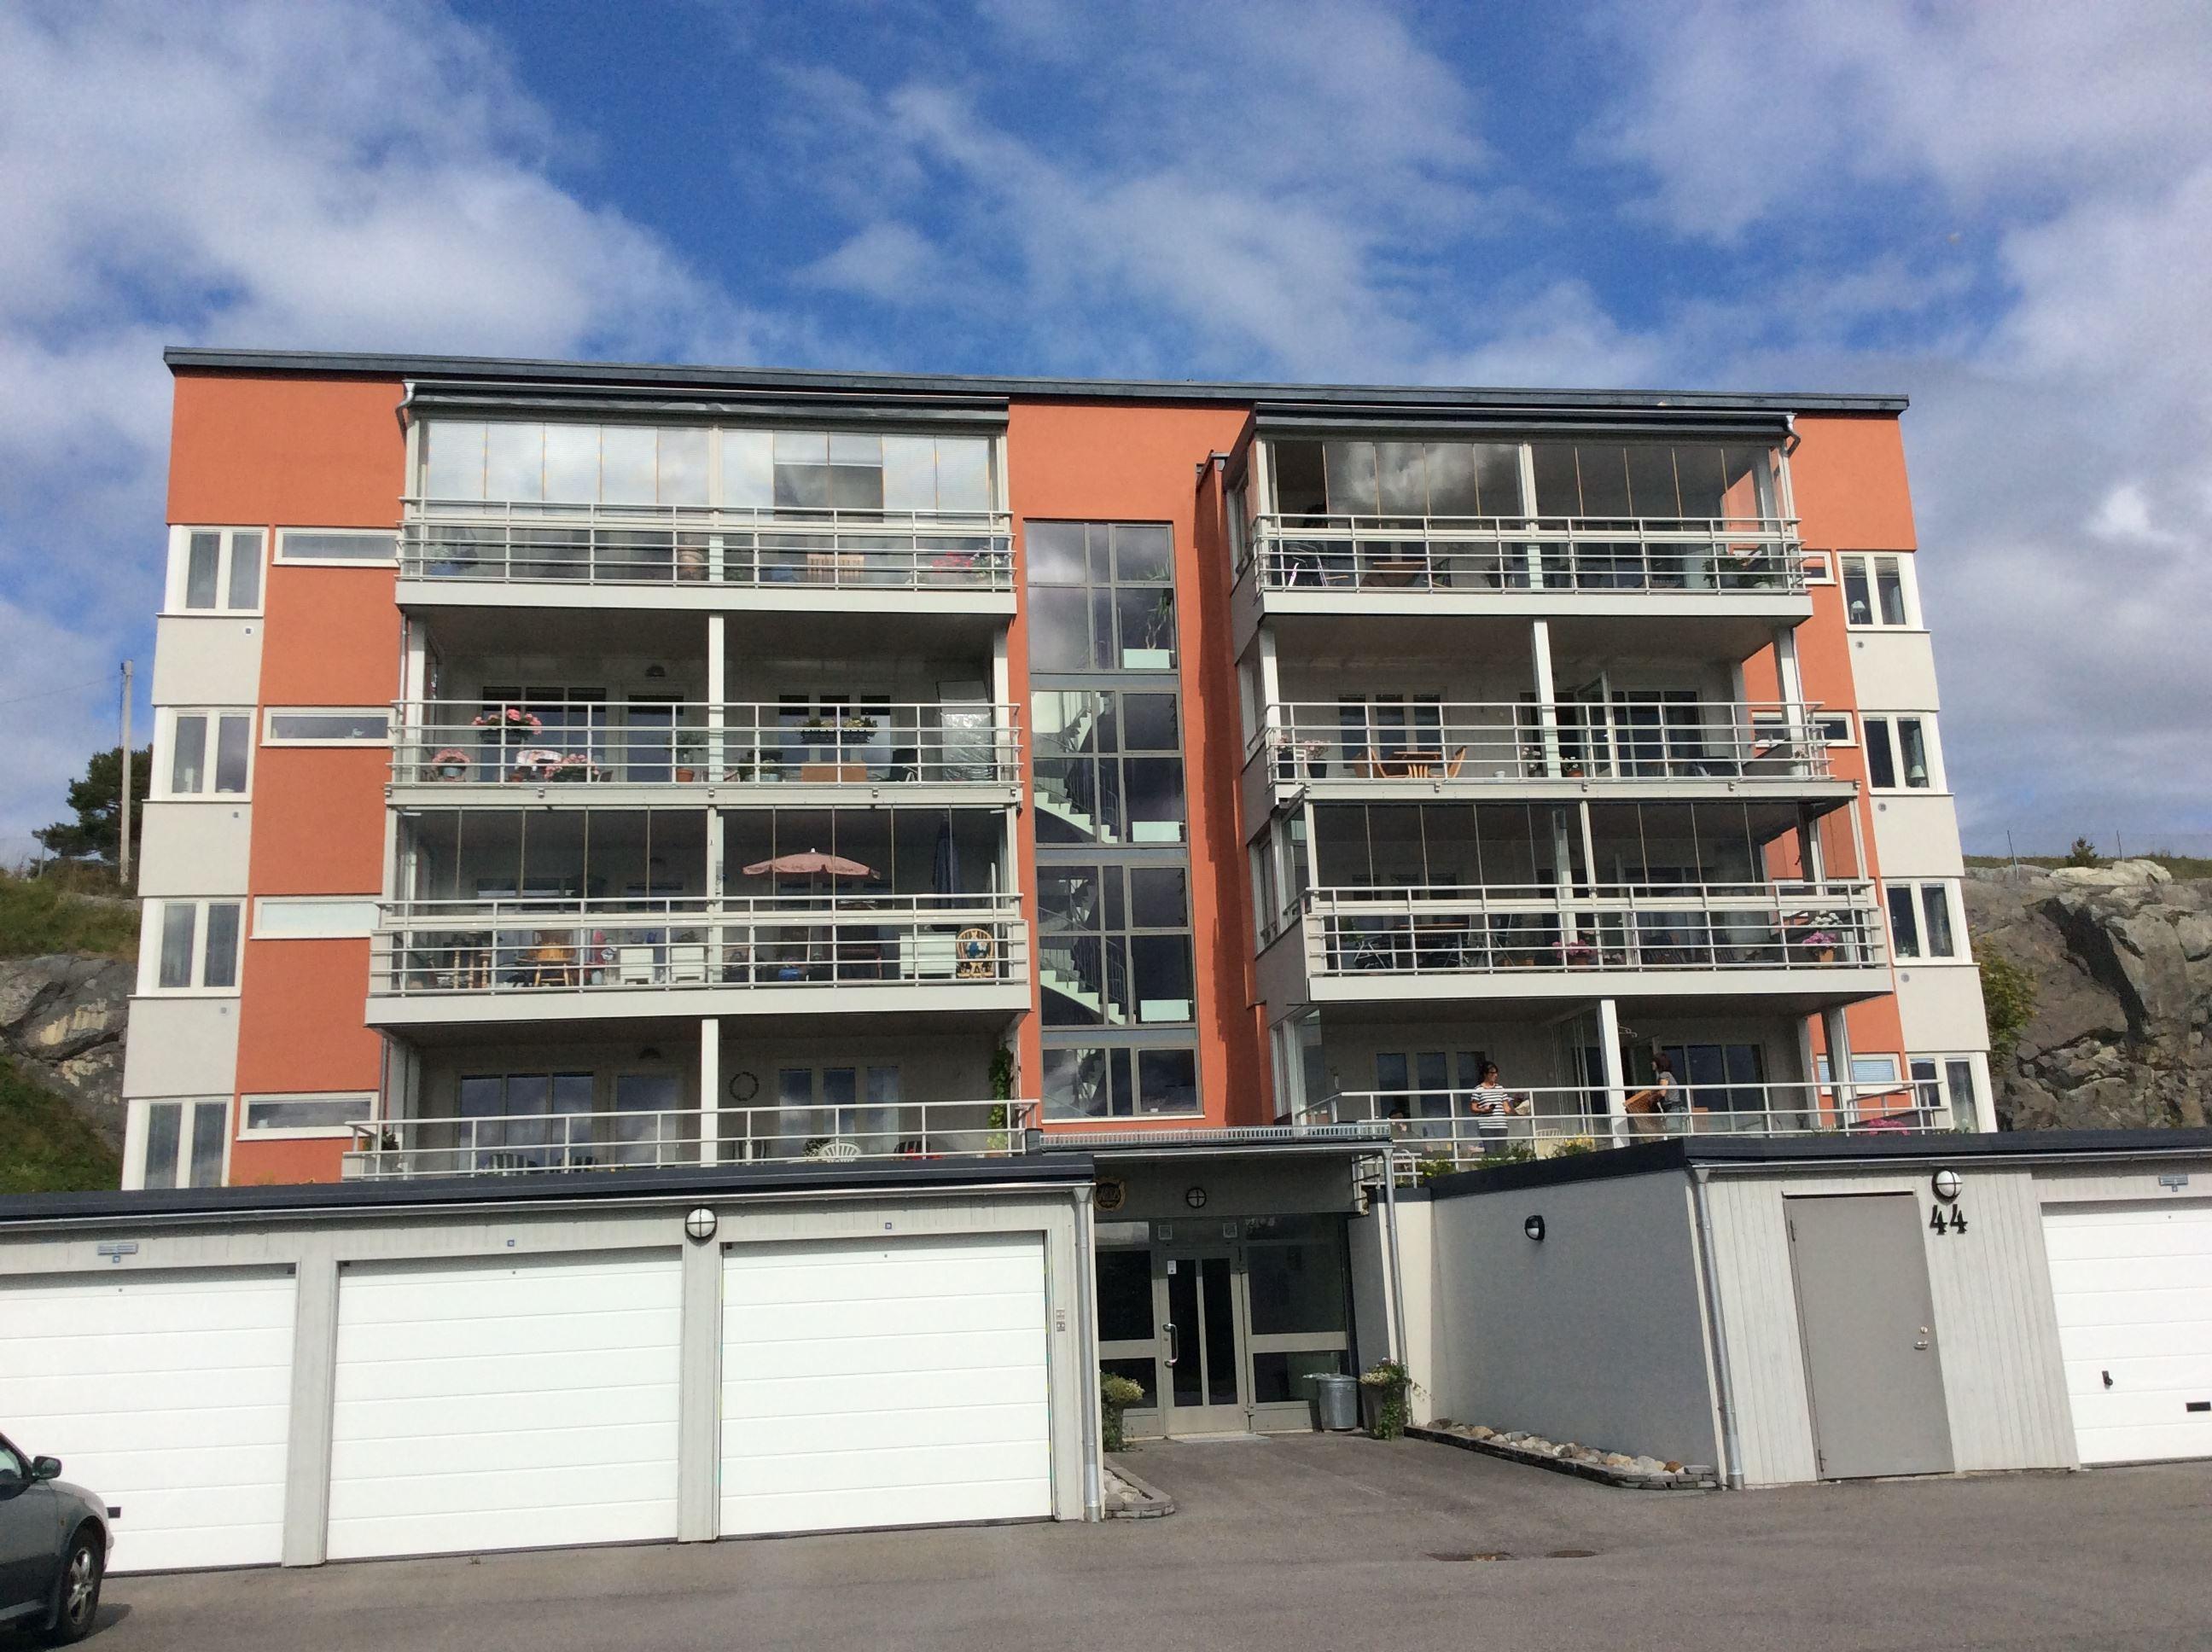 HL131 Apartment at Frösön